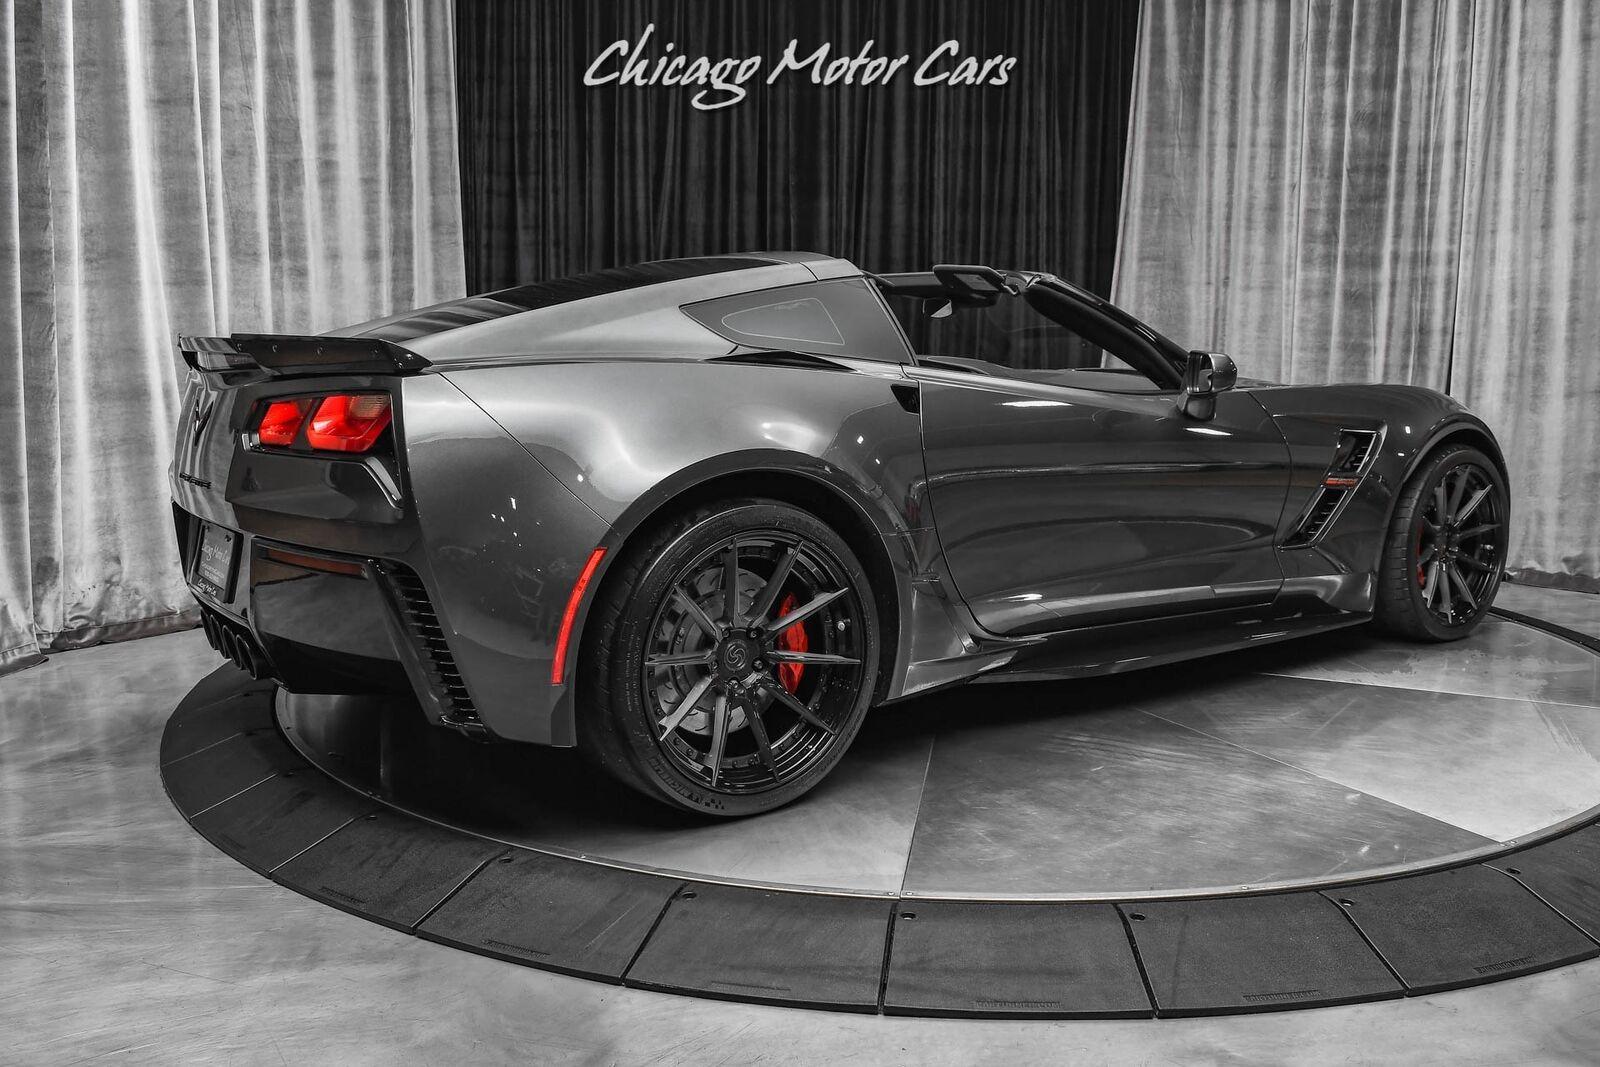 2017 Gray Chevrolet Corvette Grand Sport 2LT   C7 Corvette Photo 5